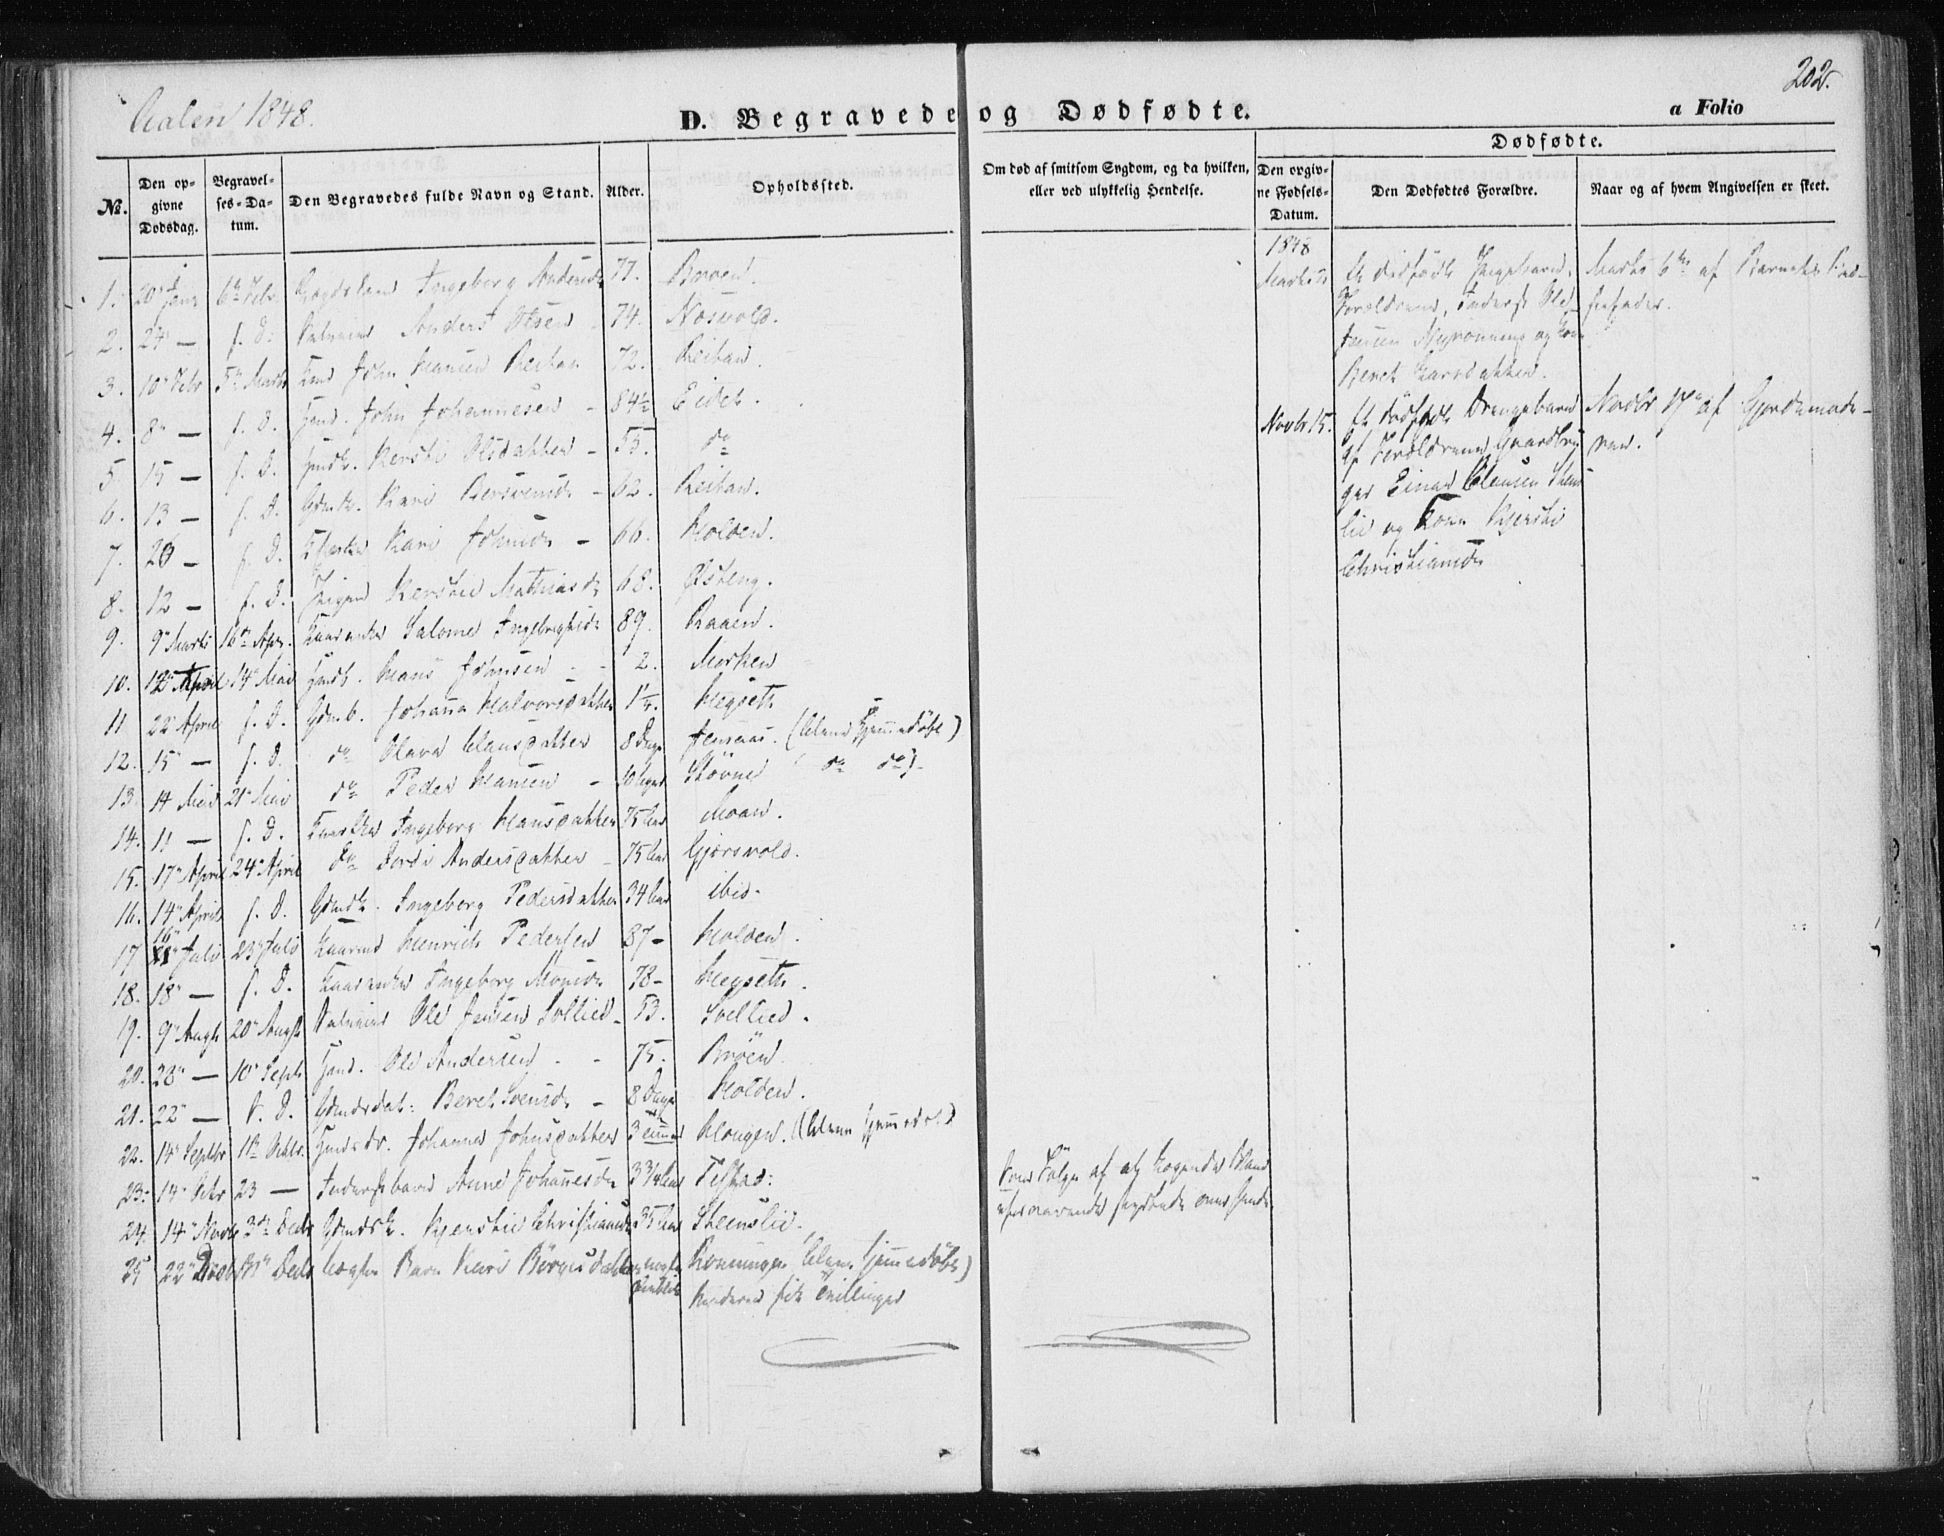 SAT, Ministerialprotokoller, klokkerbøker og fødselsregistre - Sør-Trøndelag, 685/L0965: Ministerialbok nr. 685A06 /3, 1846-1859, s. 202